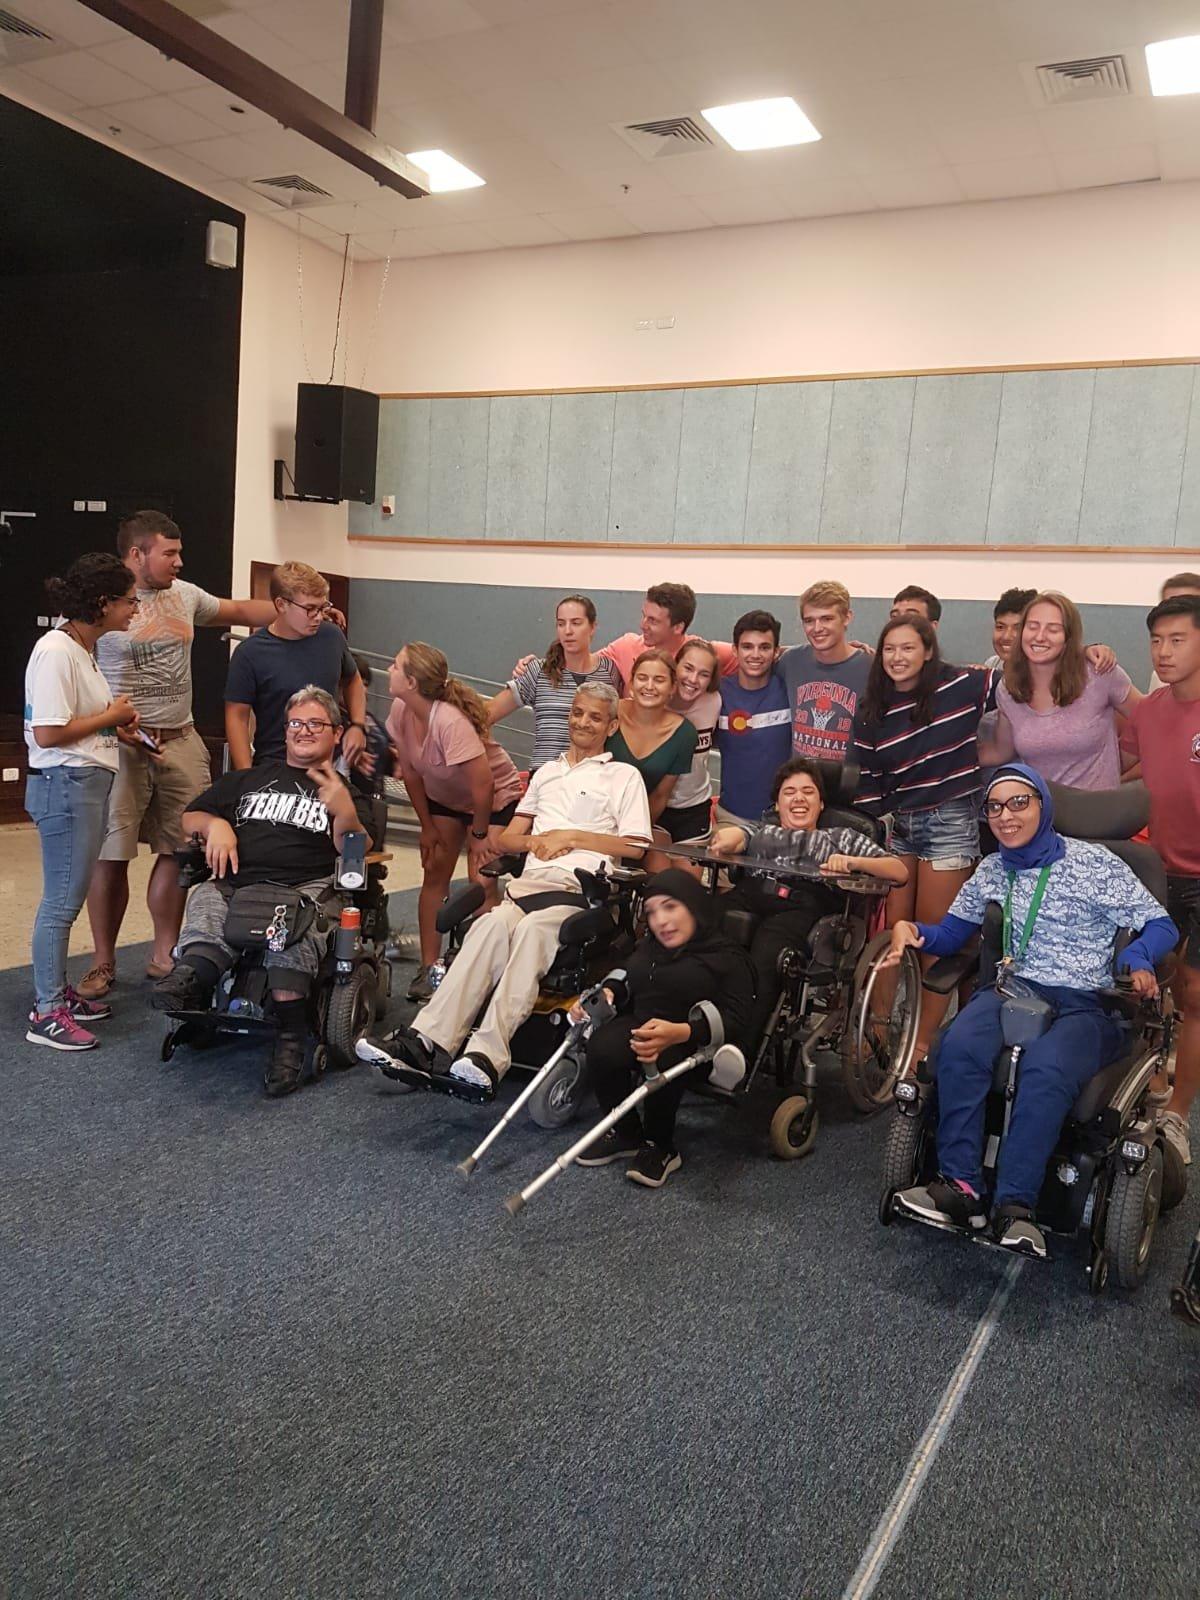 متطوعون من امريكا في جولة خاصة بمبادرة صندوق مسيرة